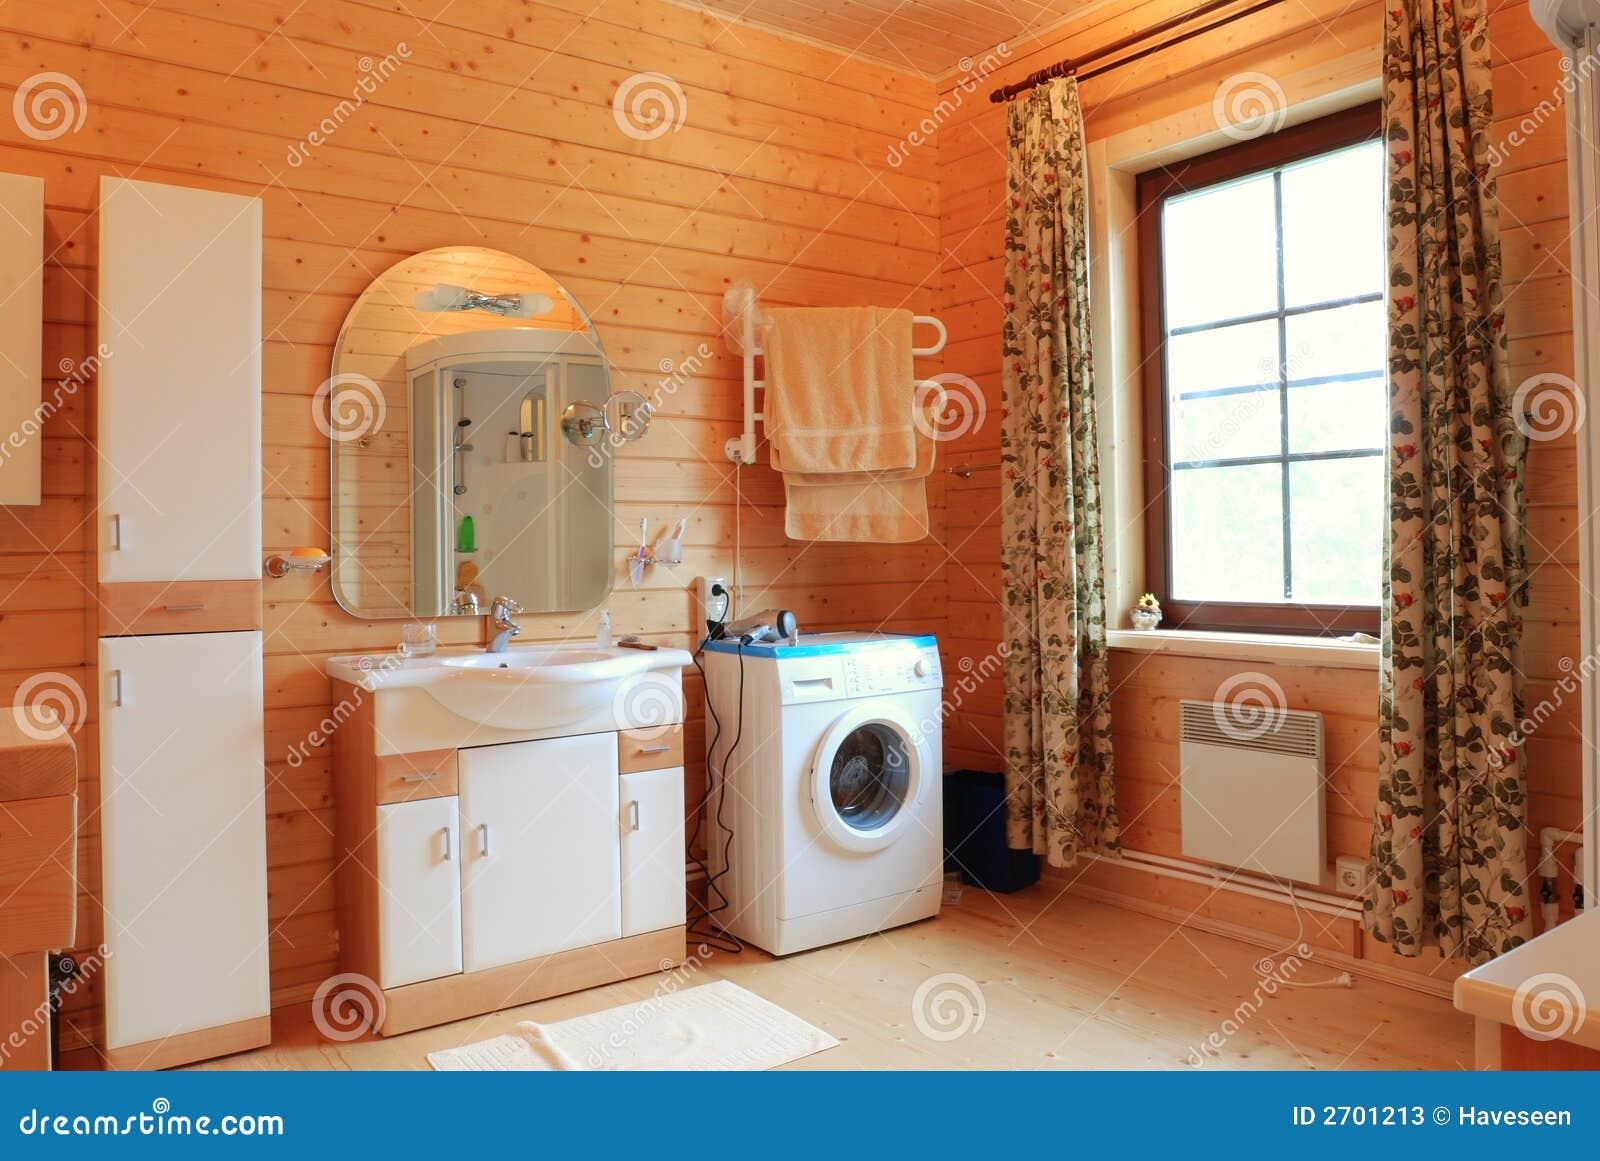 Stanza da bagno di legno immagine stock immagine di bathroom 2701213 - Stanza da bagno ...